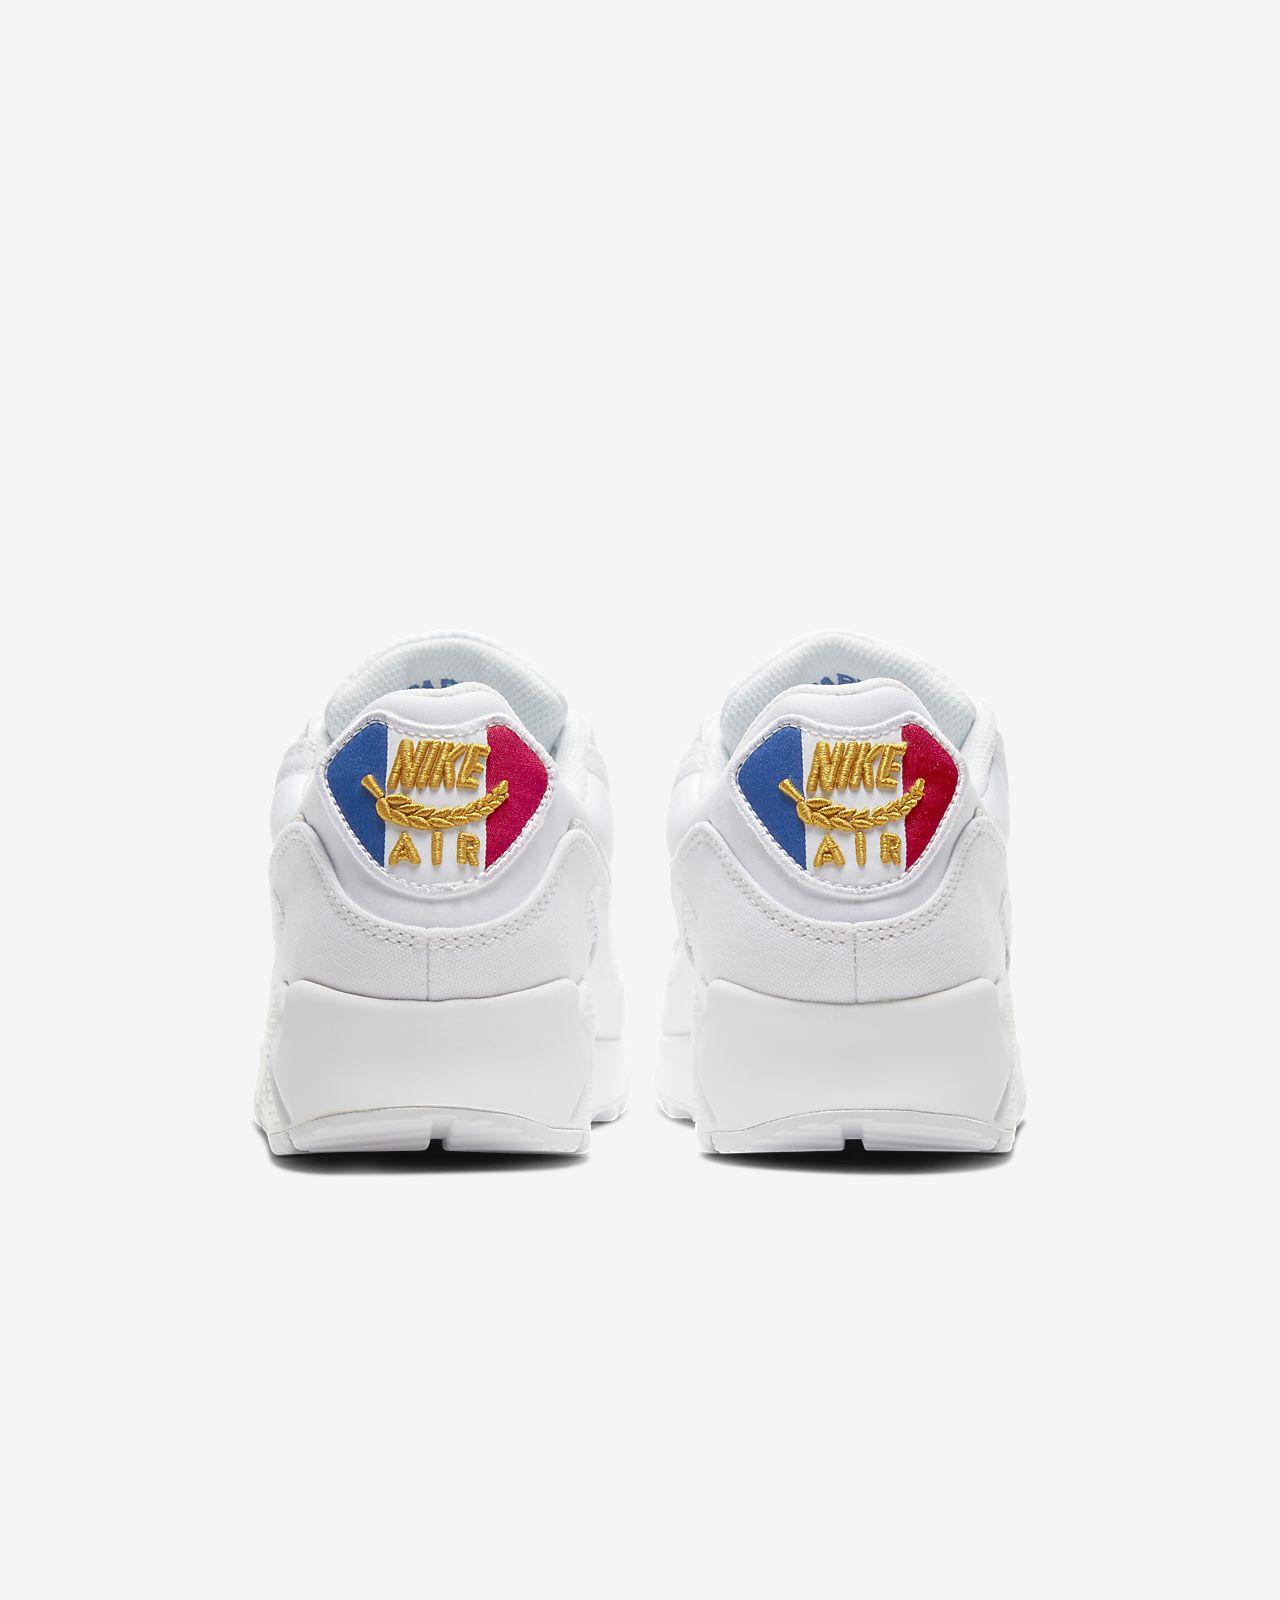 Details about Nike Air Max 90 Premium Paris City White Sail Blue Men Lifestyle Shoe CQ0912 100